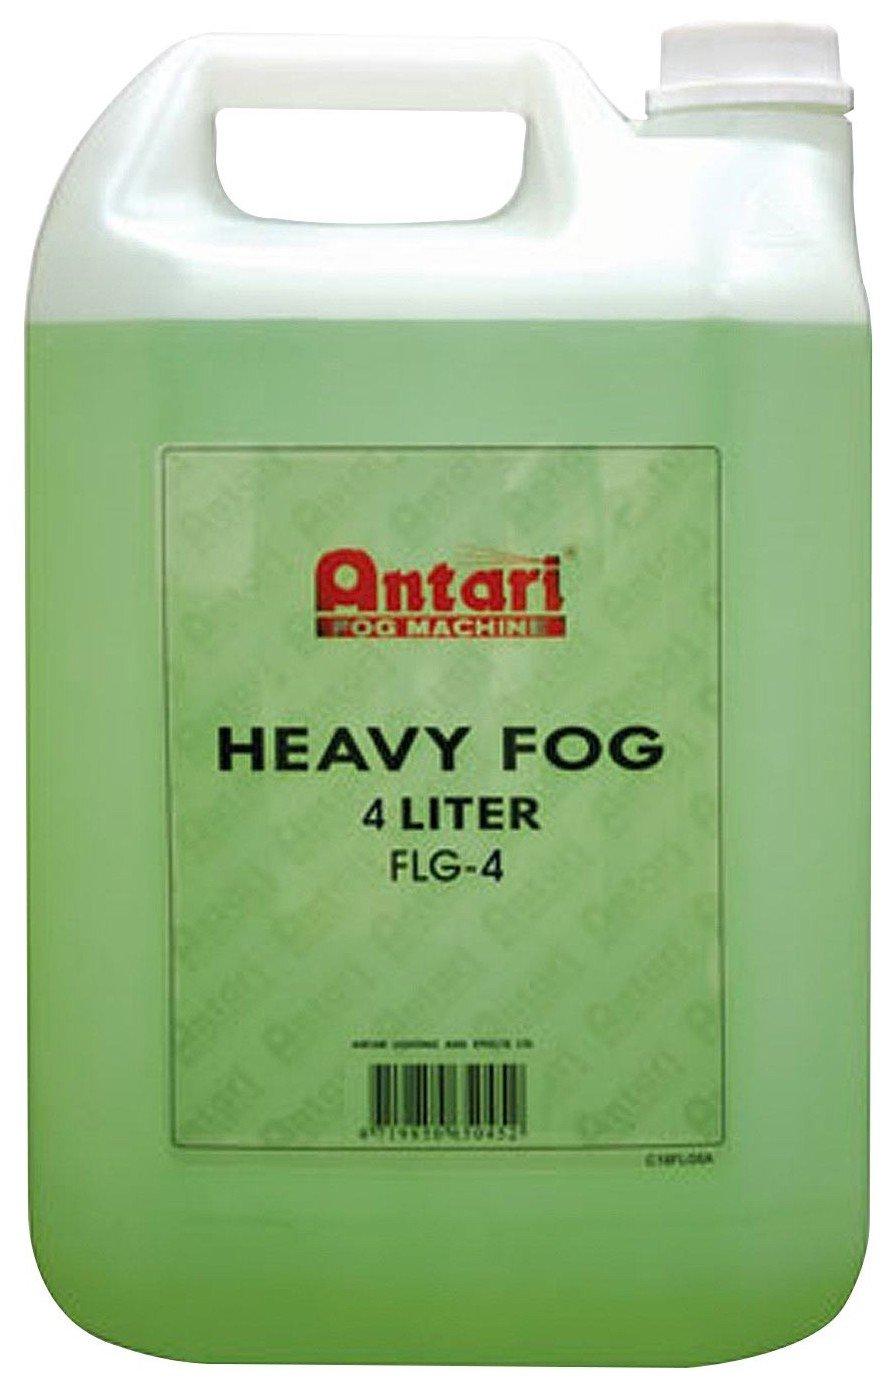 antari-flg-4-heavy-fog-fluid-4-liters.jpeg